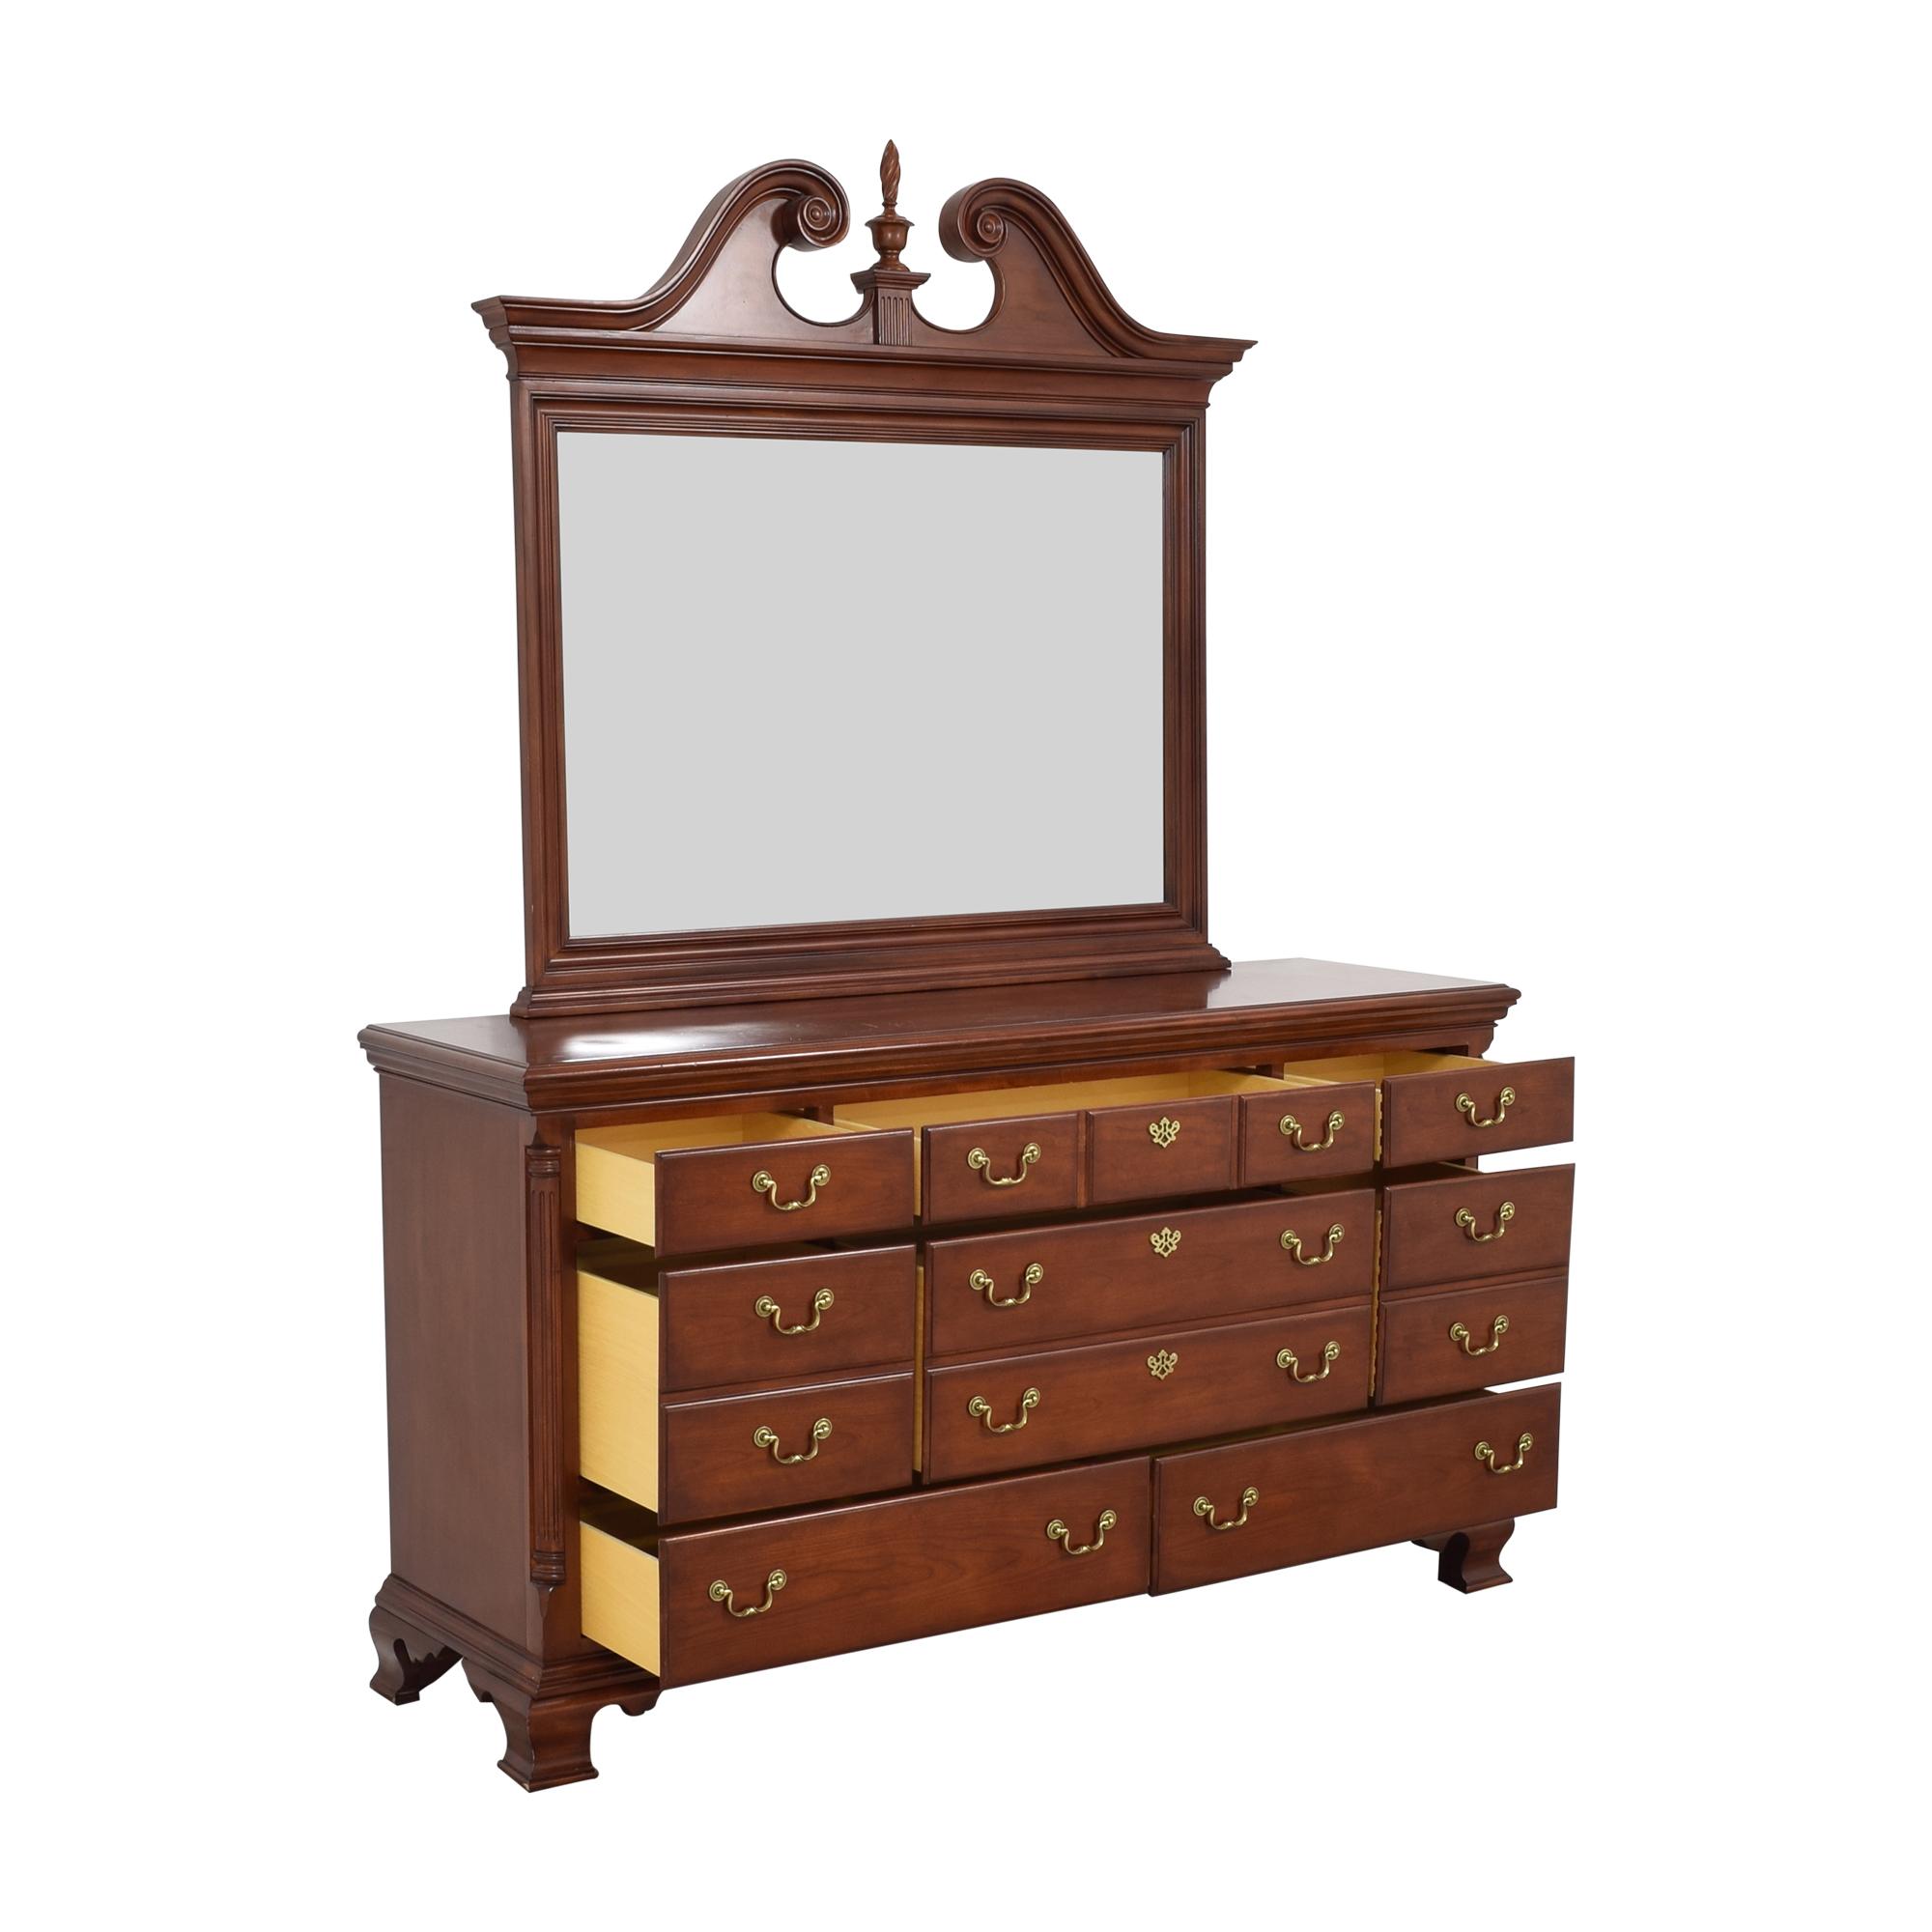 buy Thomasville Eight Drawer Dresser with Mirror Thomasville Dressers